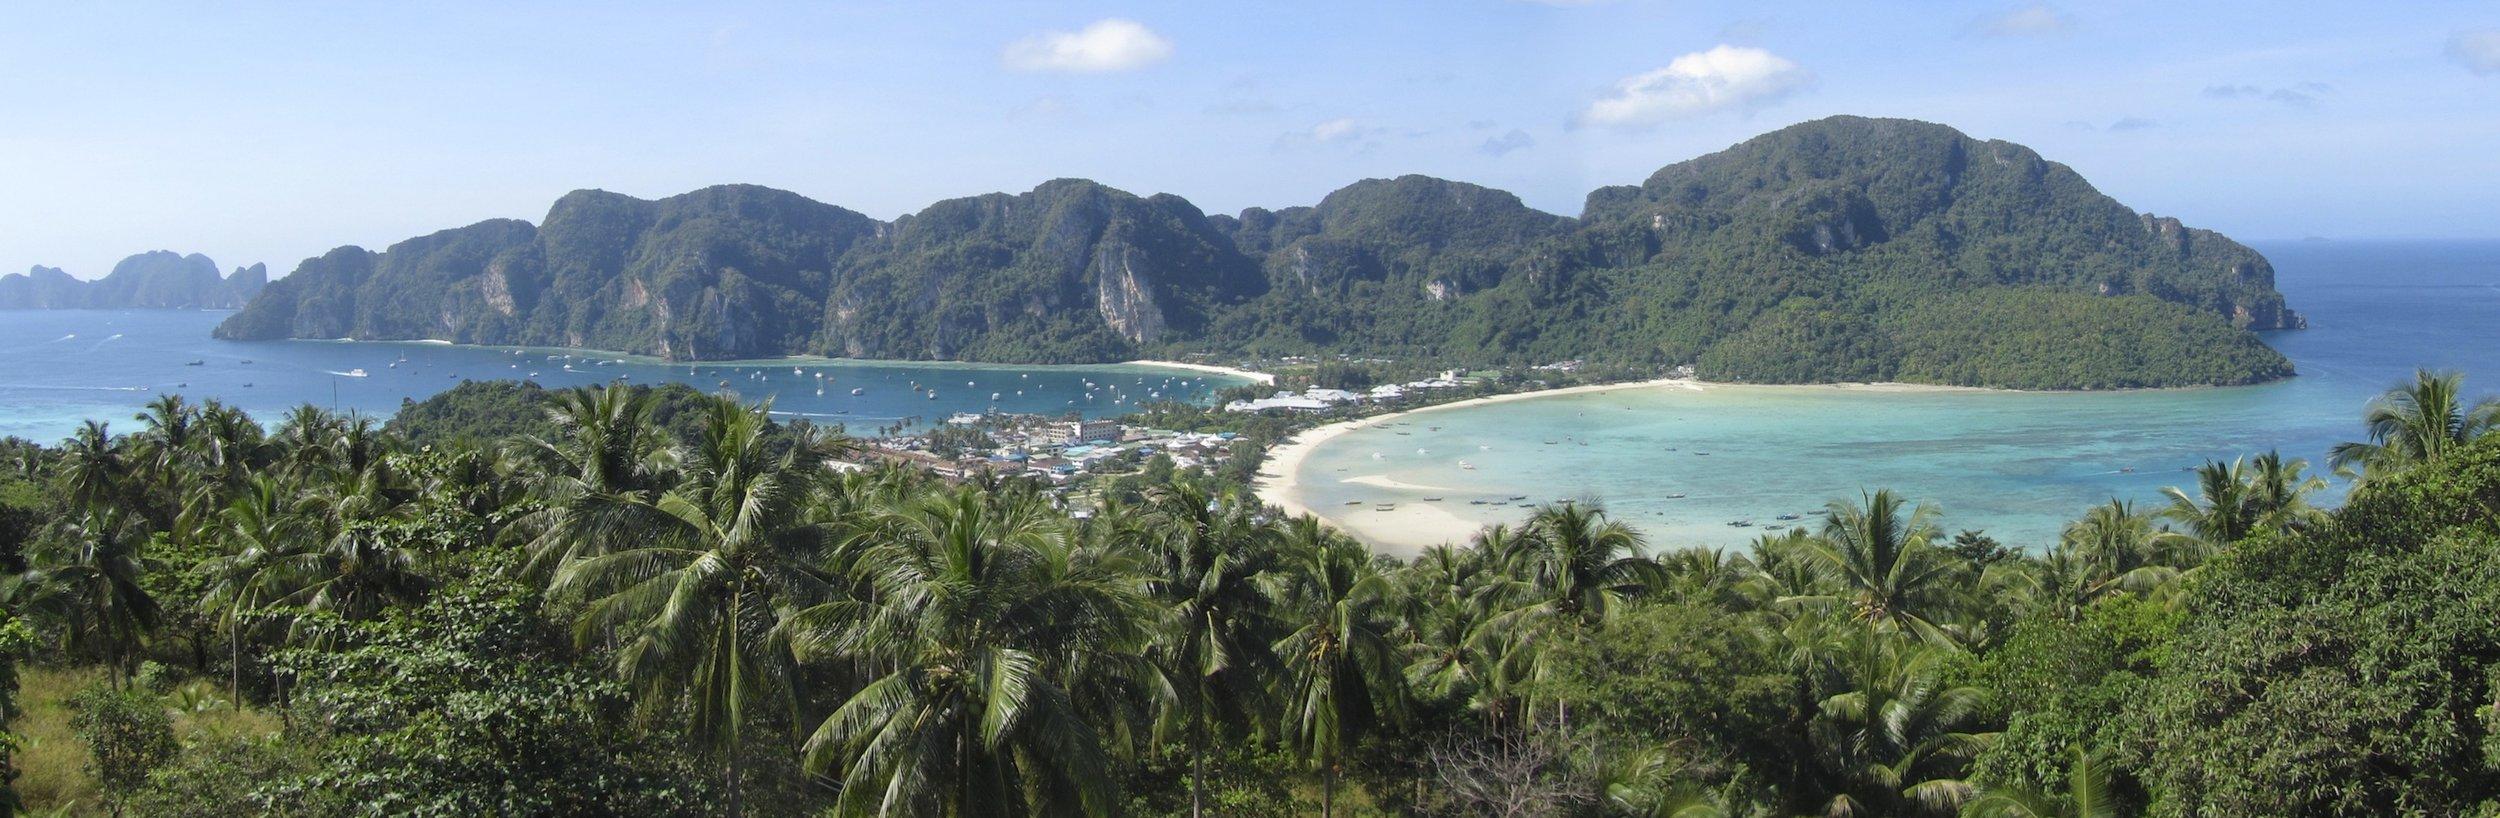 The Island of Ko Phi Phi